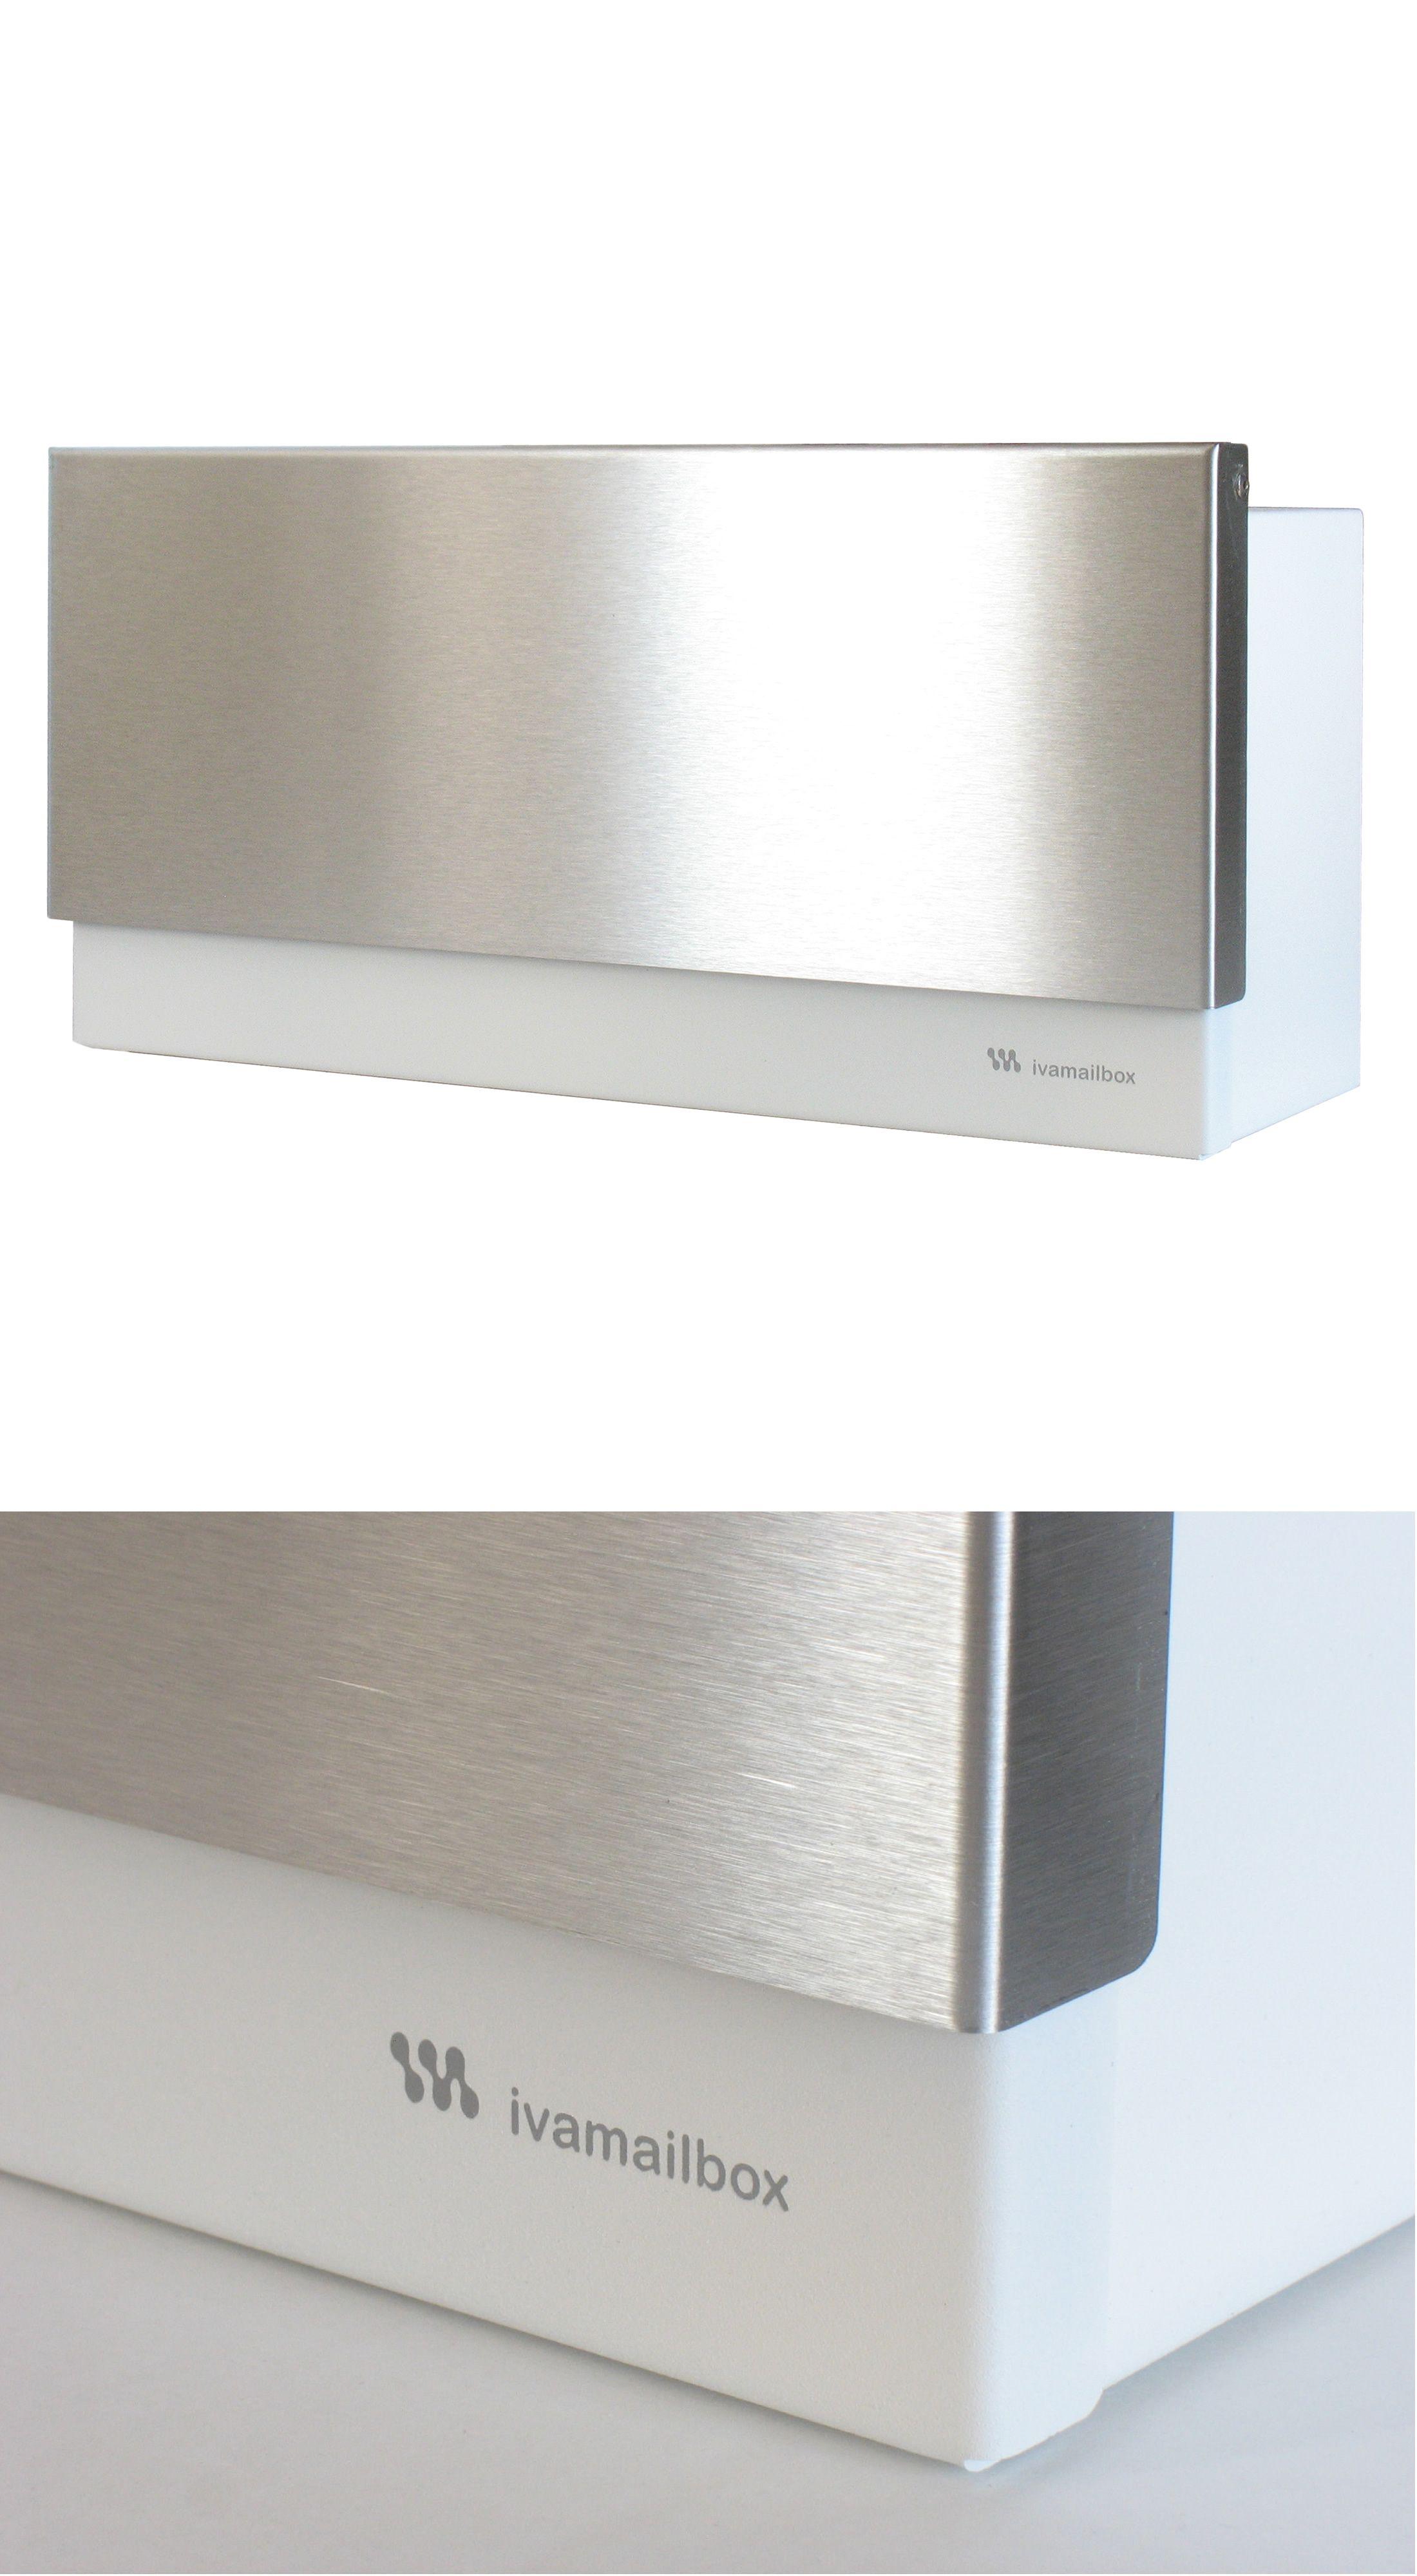 Pin On Modern Wall Mounted Mailbox